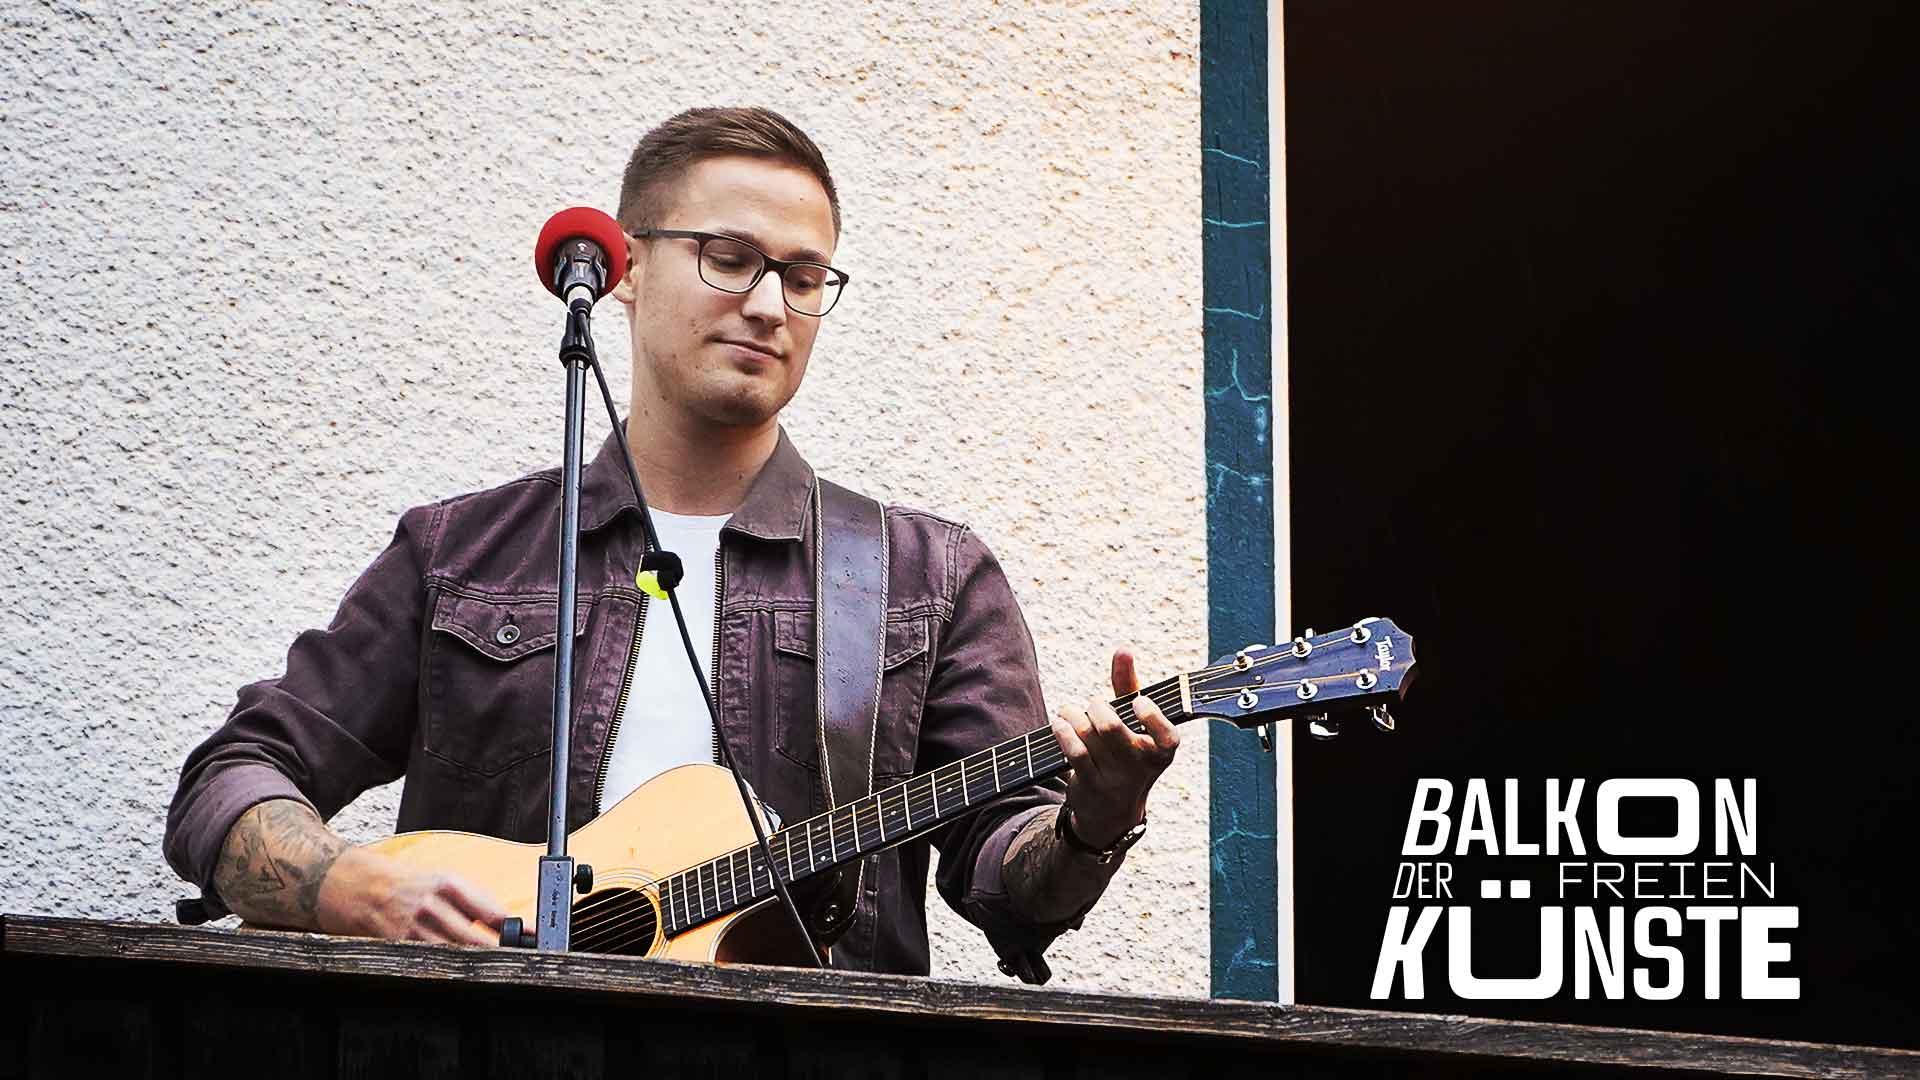 Oliver Rohlfing von 30 minutes als Solist auf dem Balkon der freien Künste